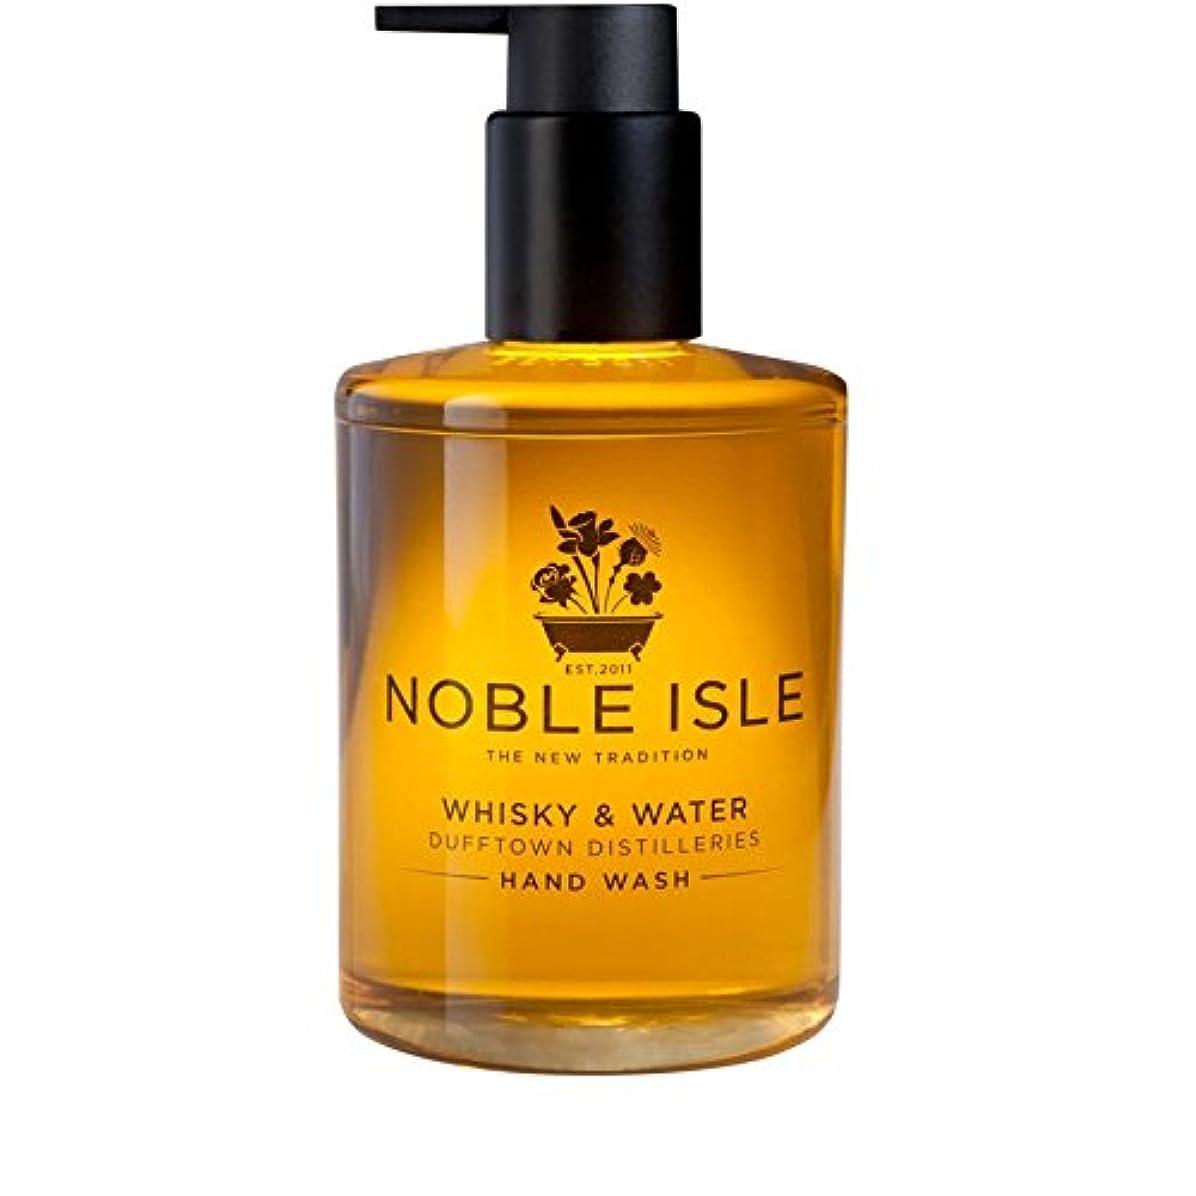 インストールズームインする要求Noble Isle Whisky and Water Dufftown Distilleries Hand Wash 250ml - 高貴な島の水割りの蒸留所のハンドウォッシュ250ミリリットル [並行輸入品]